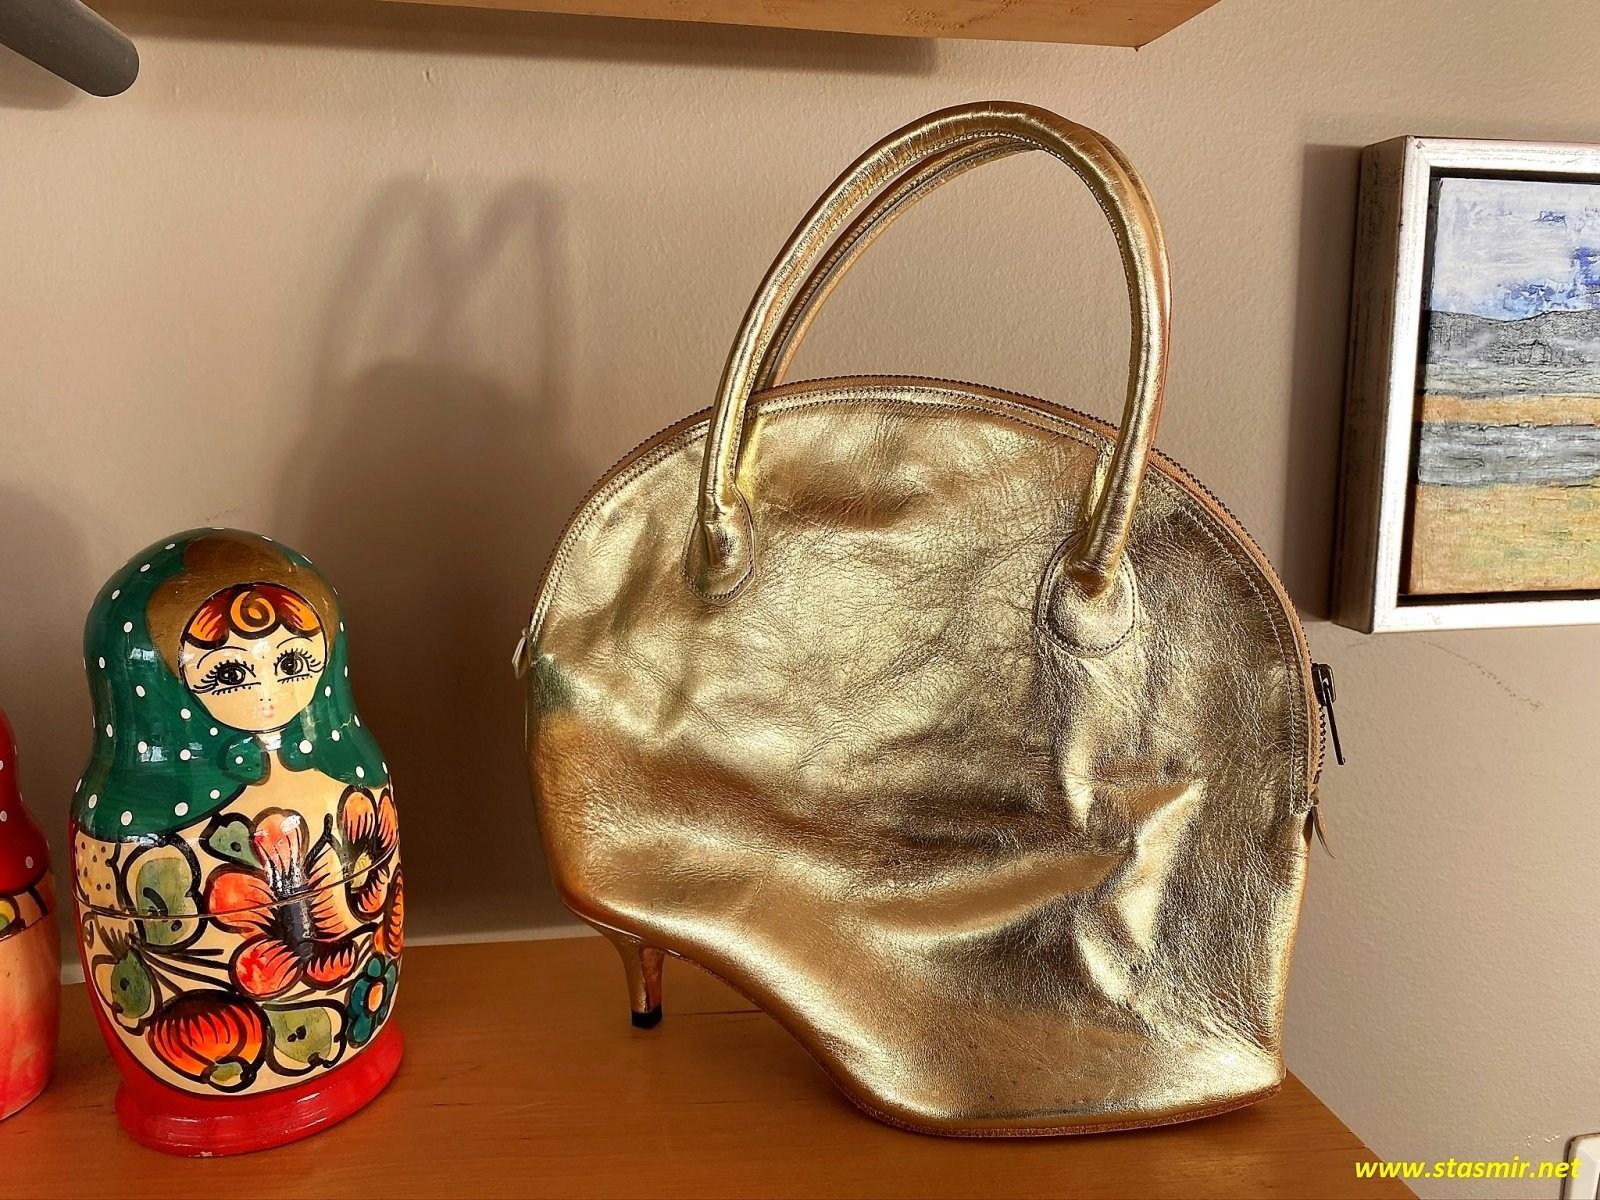 матрешка и сумочка на полке исландского отеля, фото Стасмир, Photo Stasmir